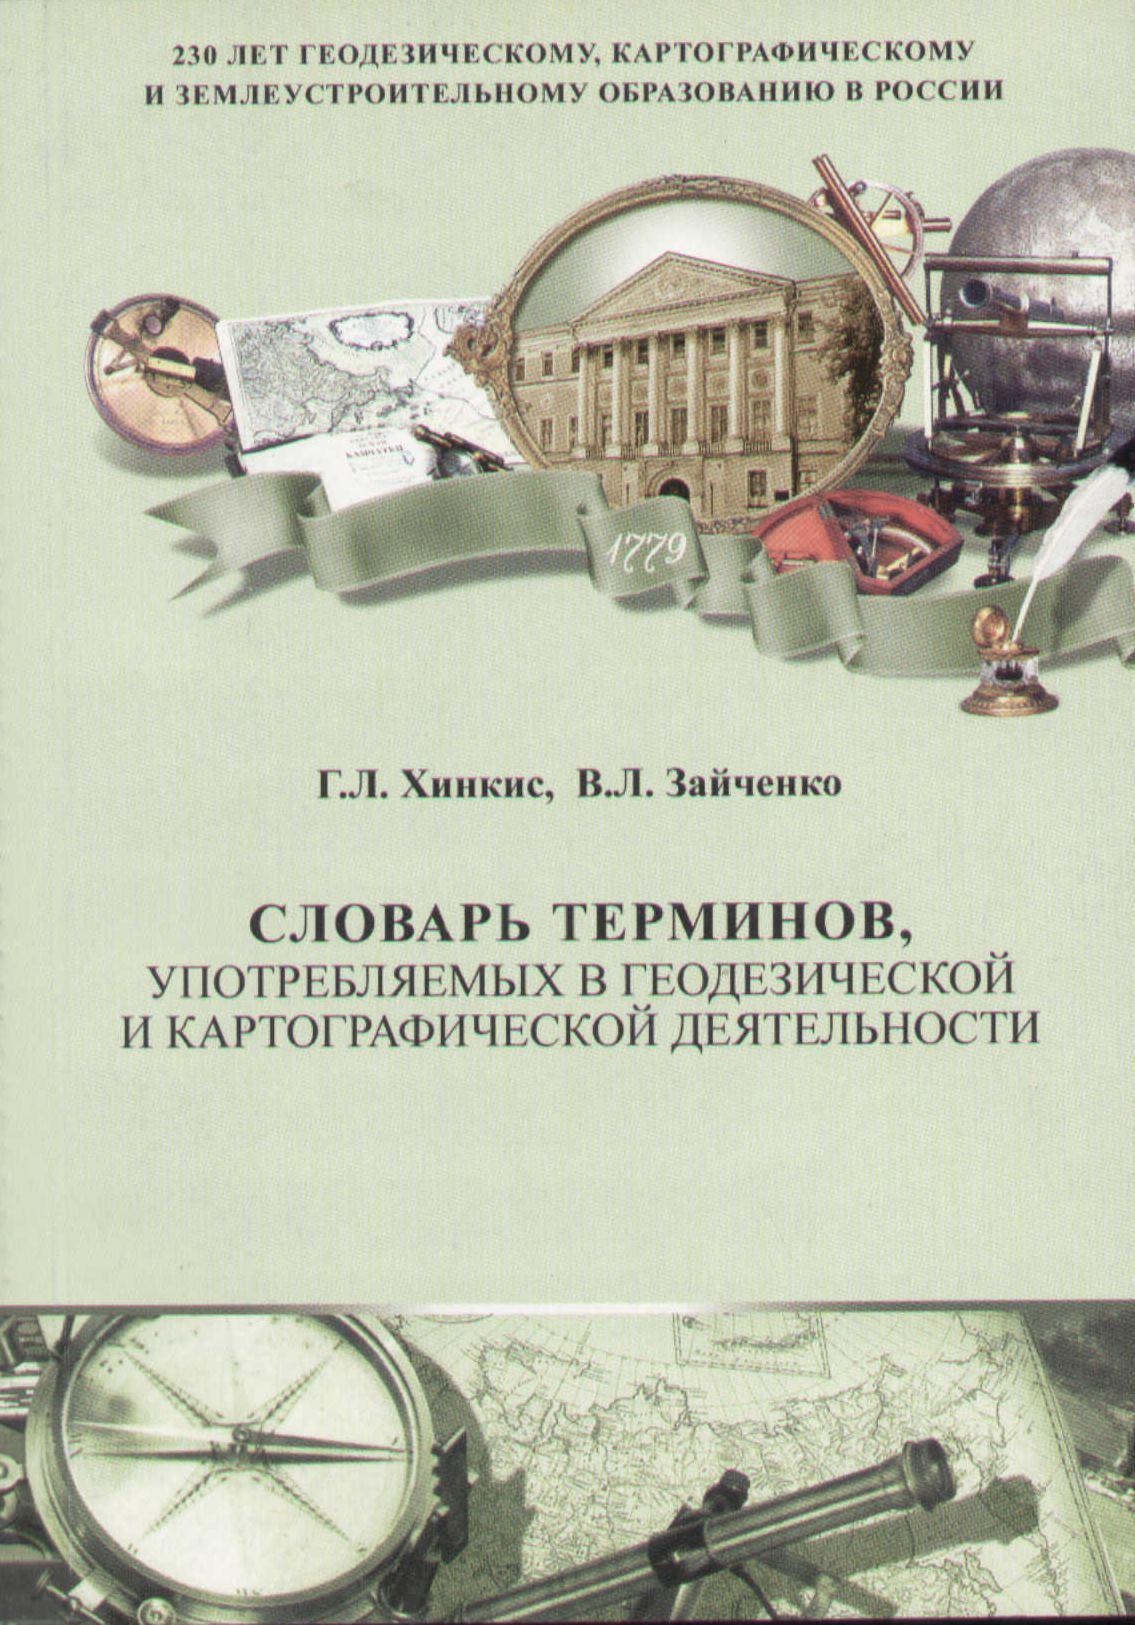 Книга Словарь терминов в геодезической и картографической деятельности